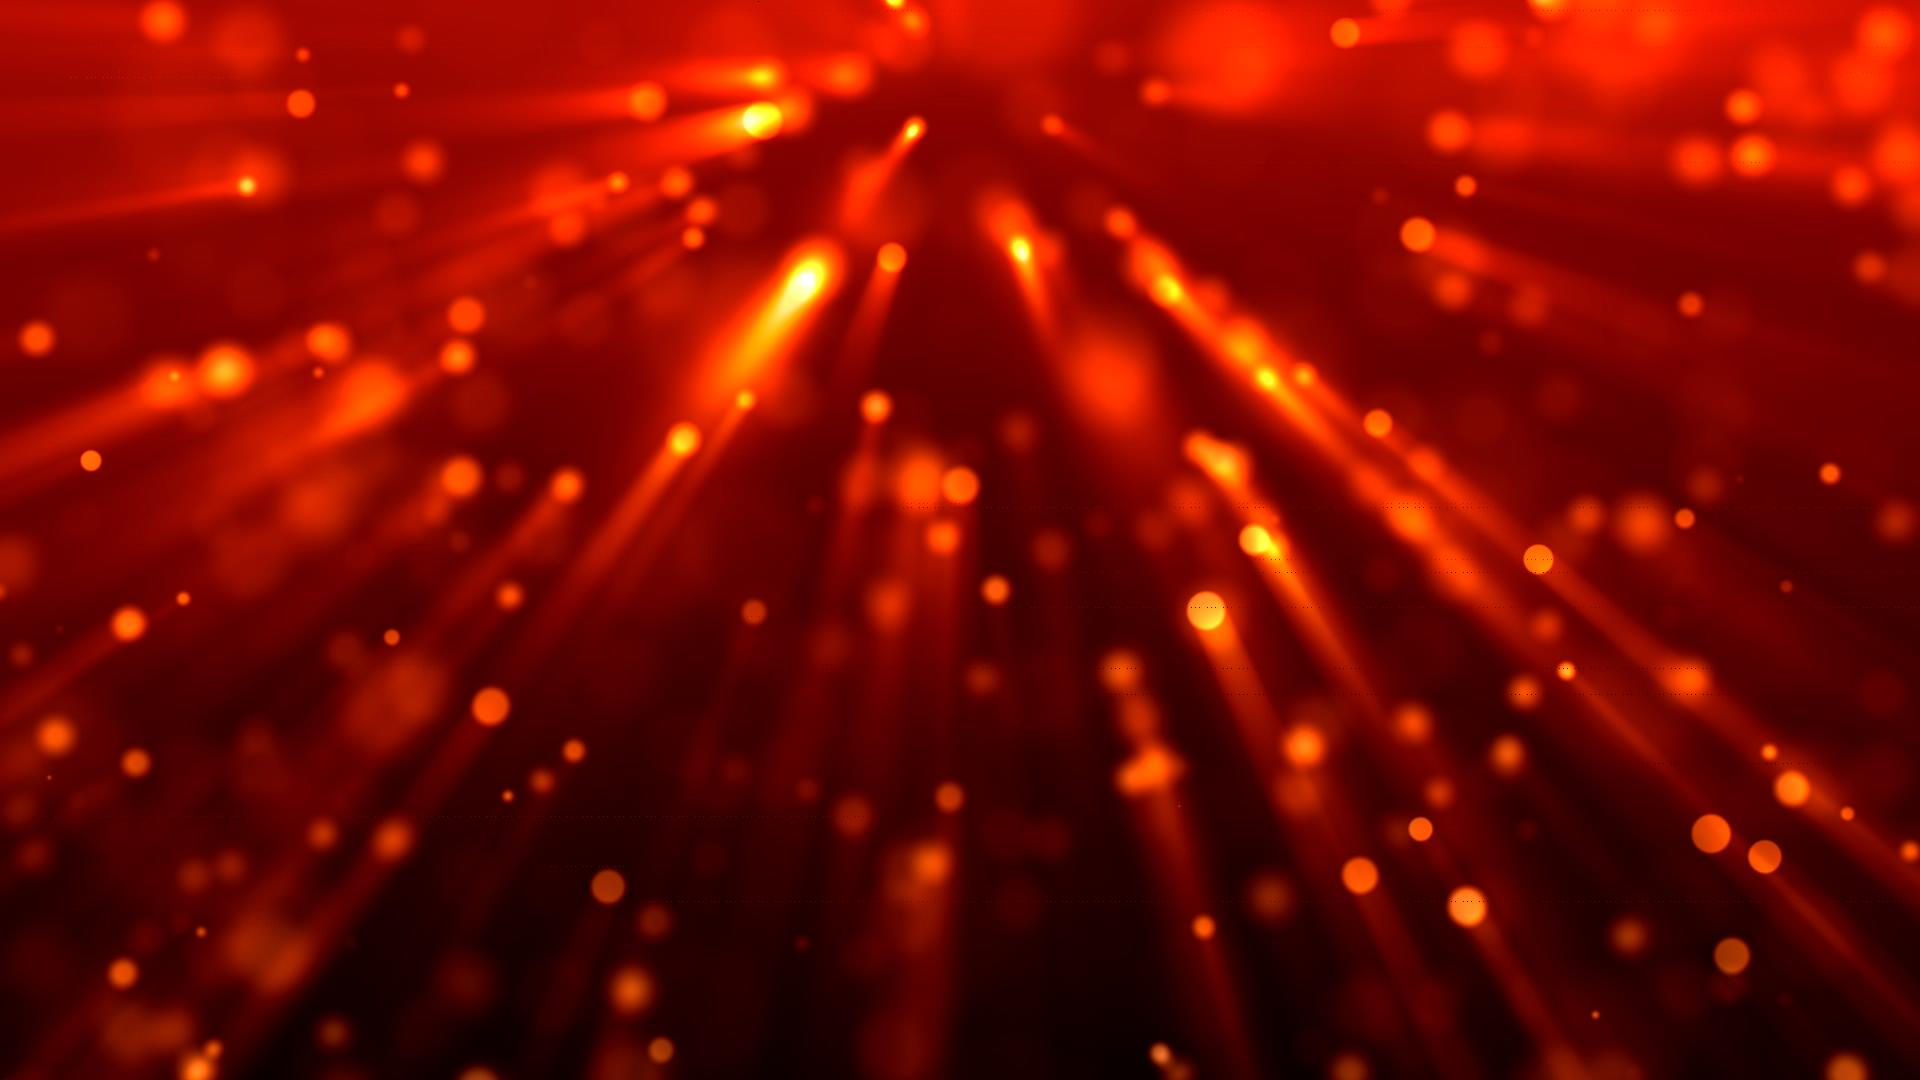 红色粒子背景视频